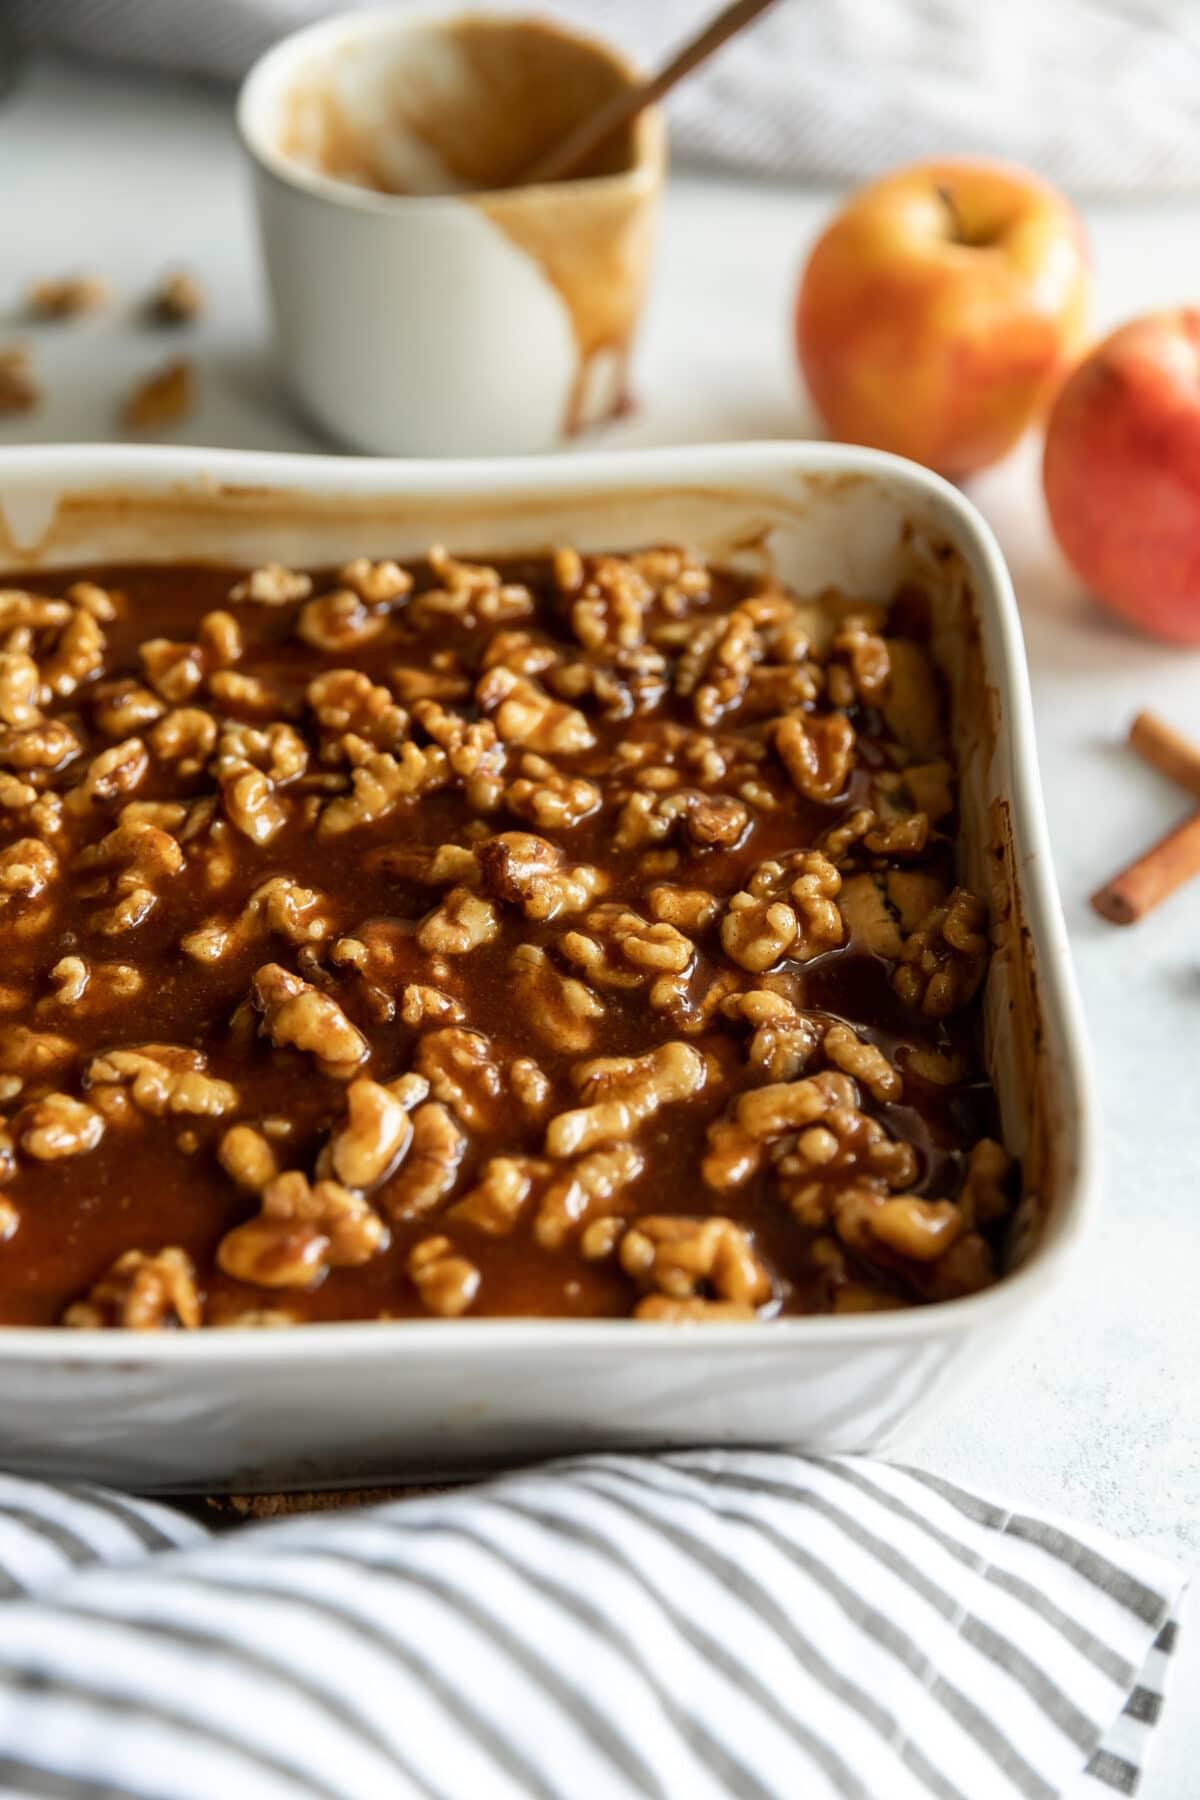 A pan of apple walnut cobbler.